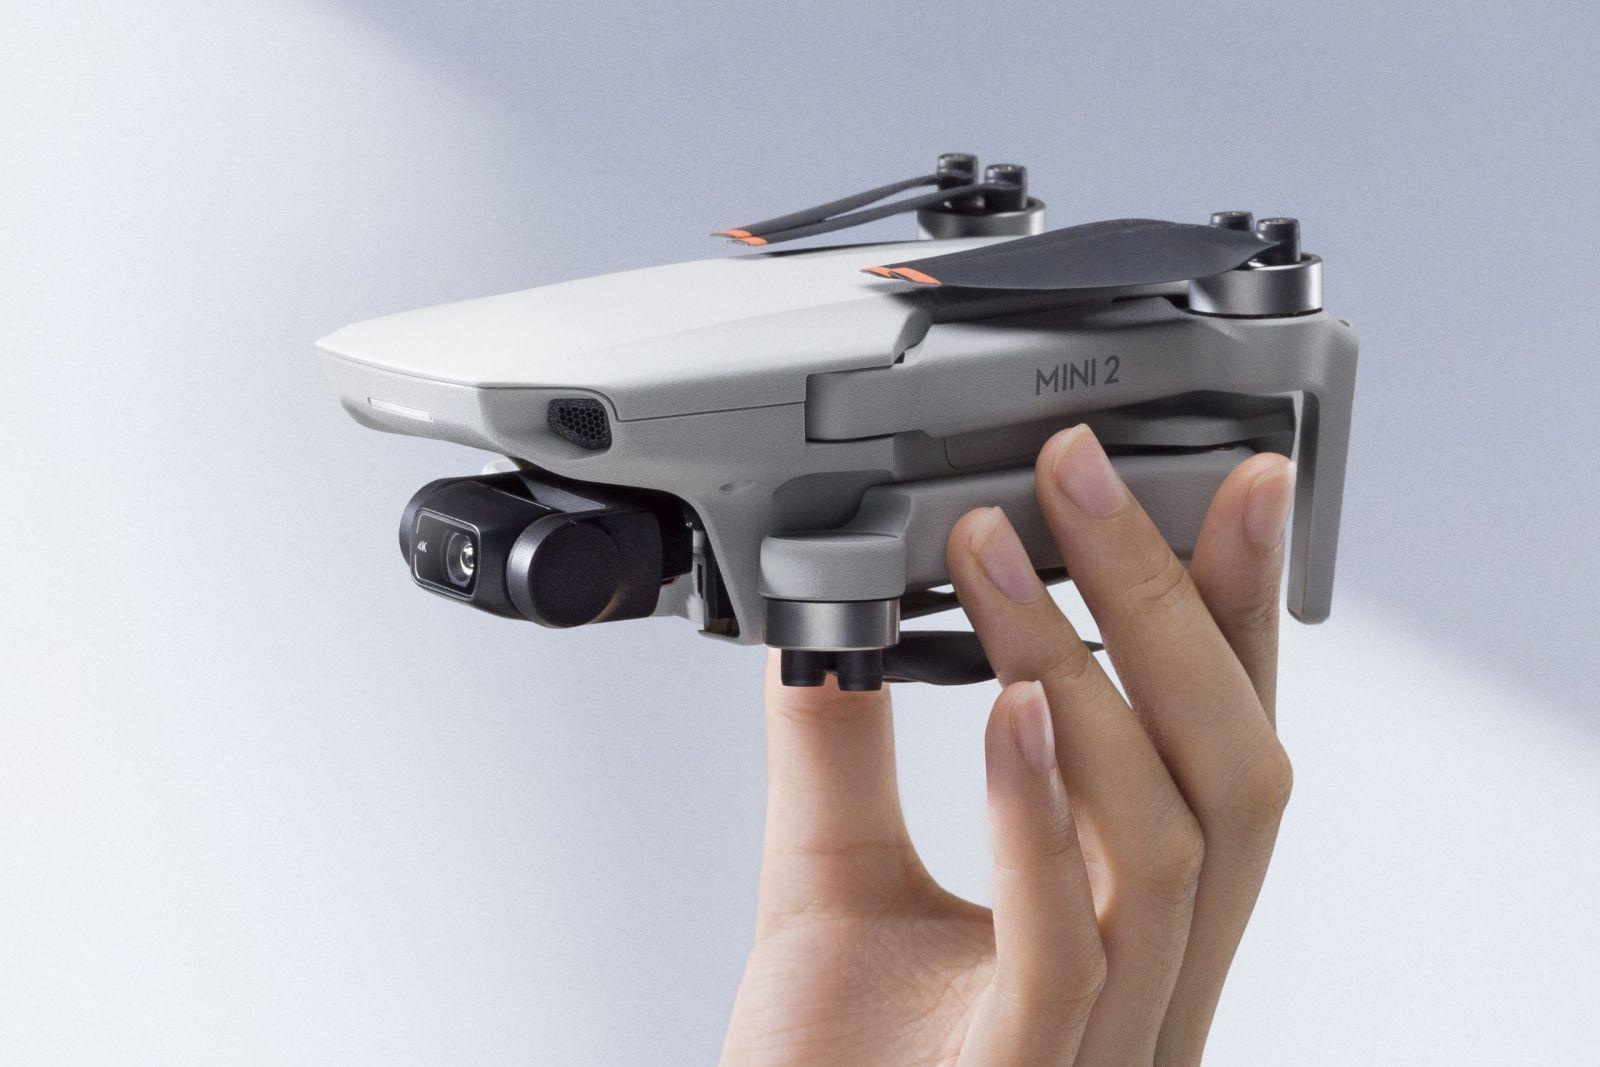 Выпущен дрон DJI Mini 2. Он может снимать 4К-видео Выпущен дрон DJI Mini 2. Он может снимать 4К-видео